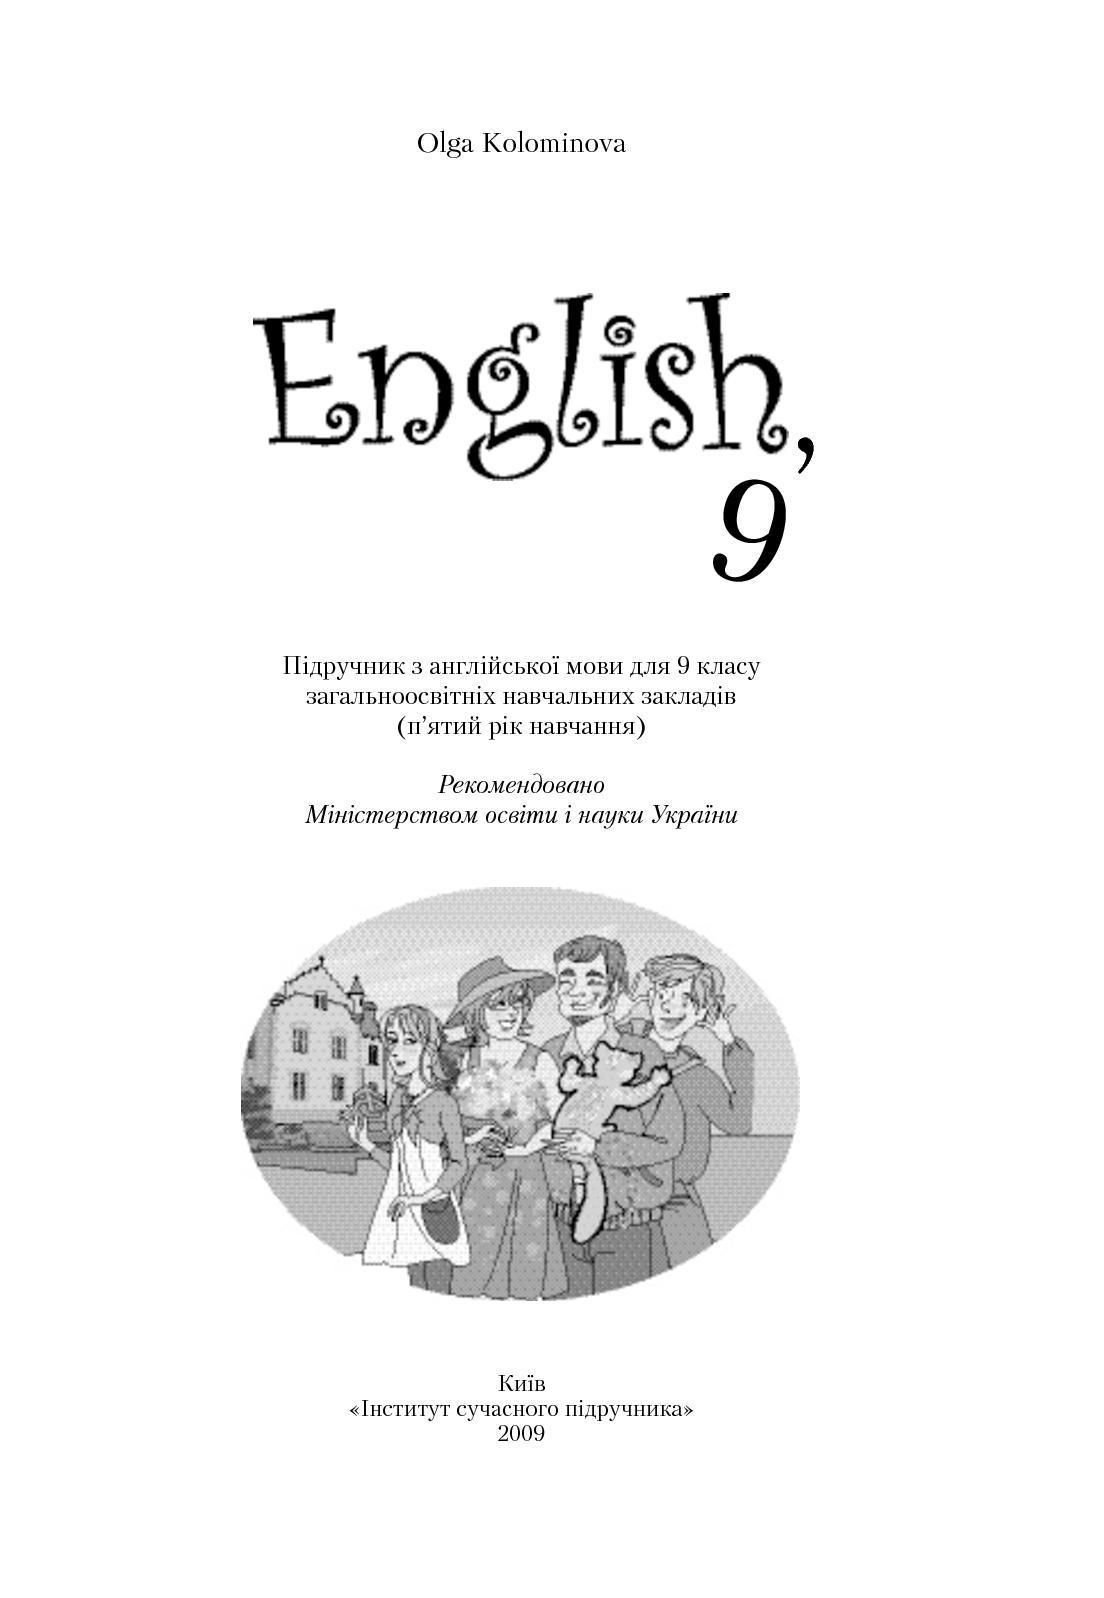 04c65cb442 Calaméo - 9 клас. Англійська мова (Коломінова) - 2009